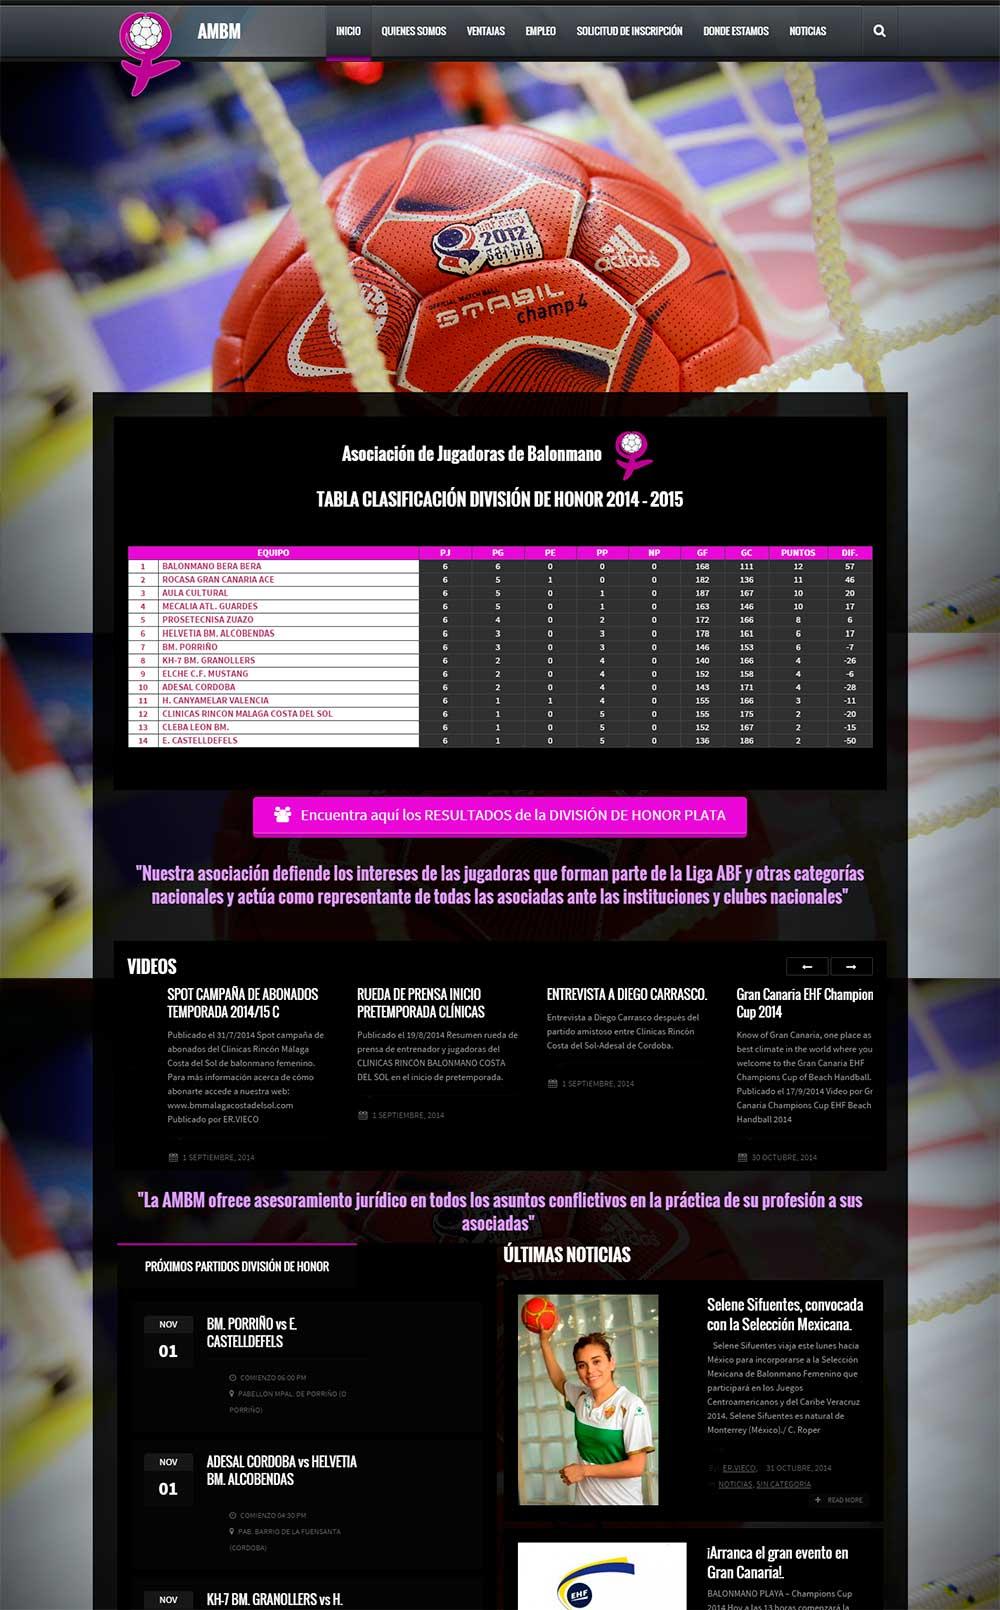 Nueva web Asociación Nacional de Jugadoras de Balonmano. www.ambm.es